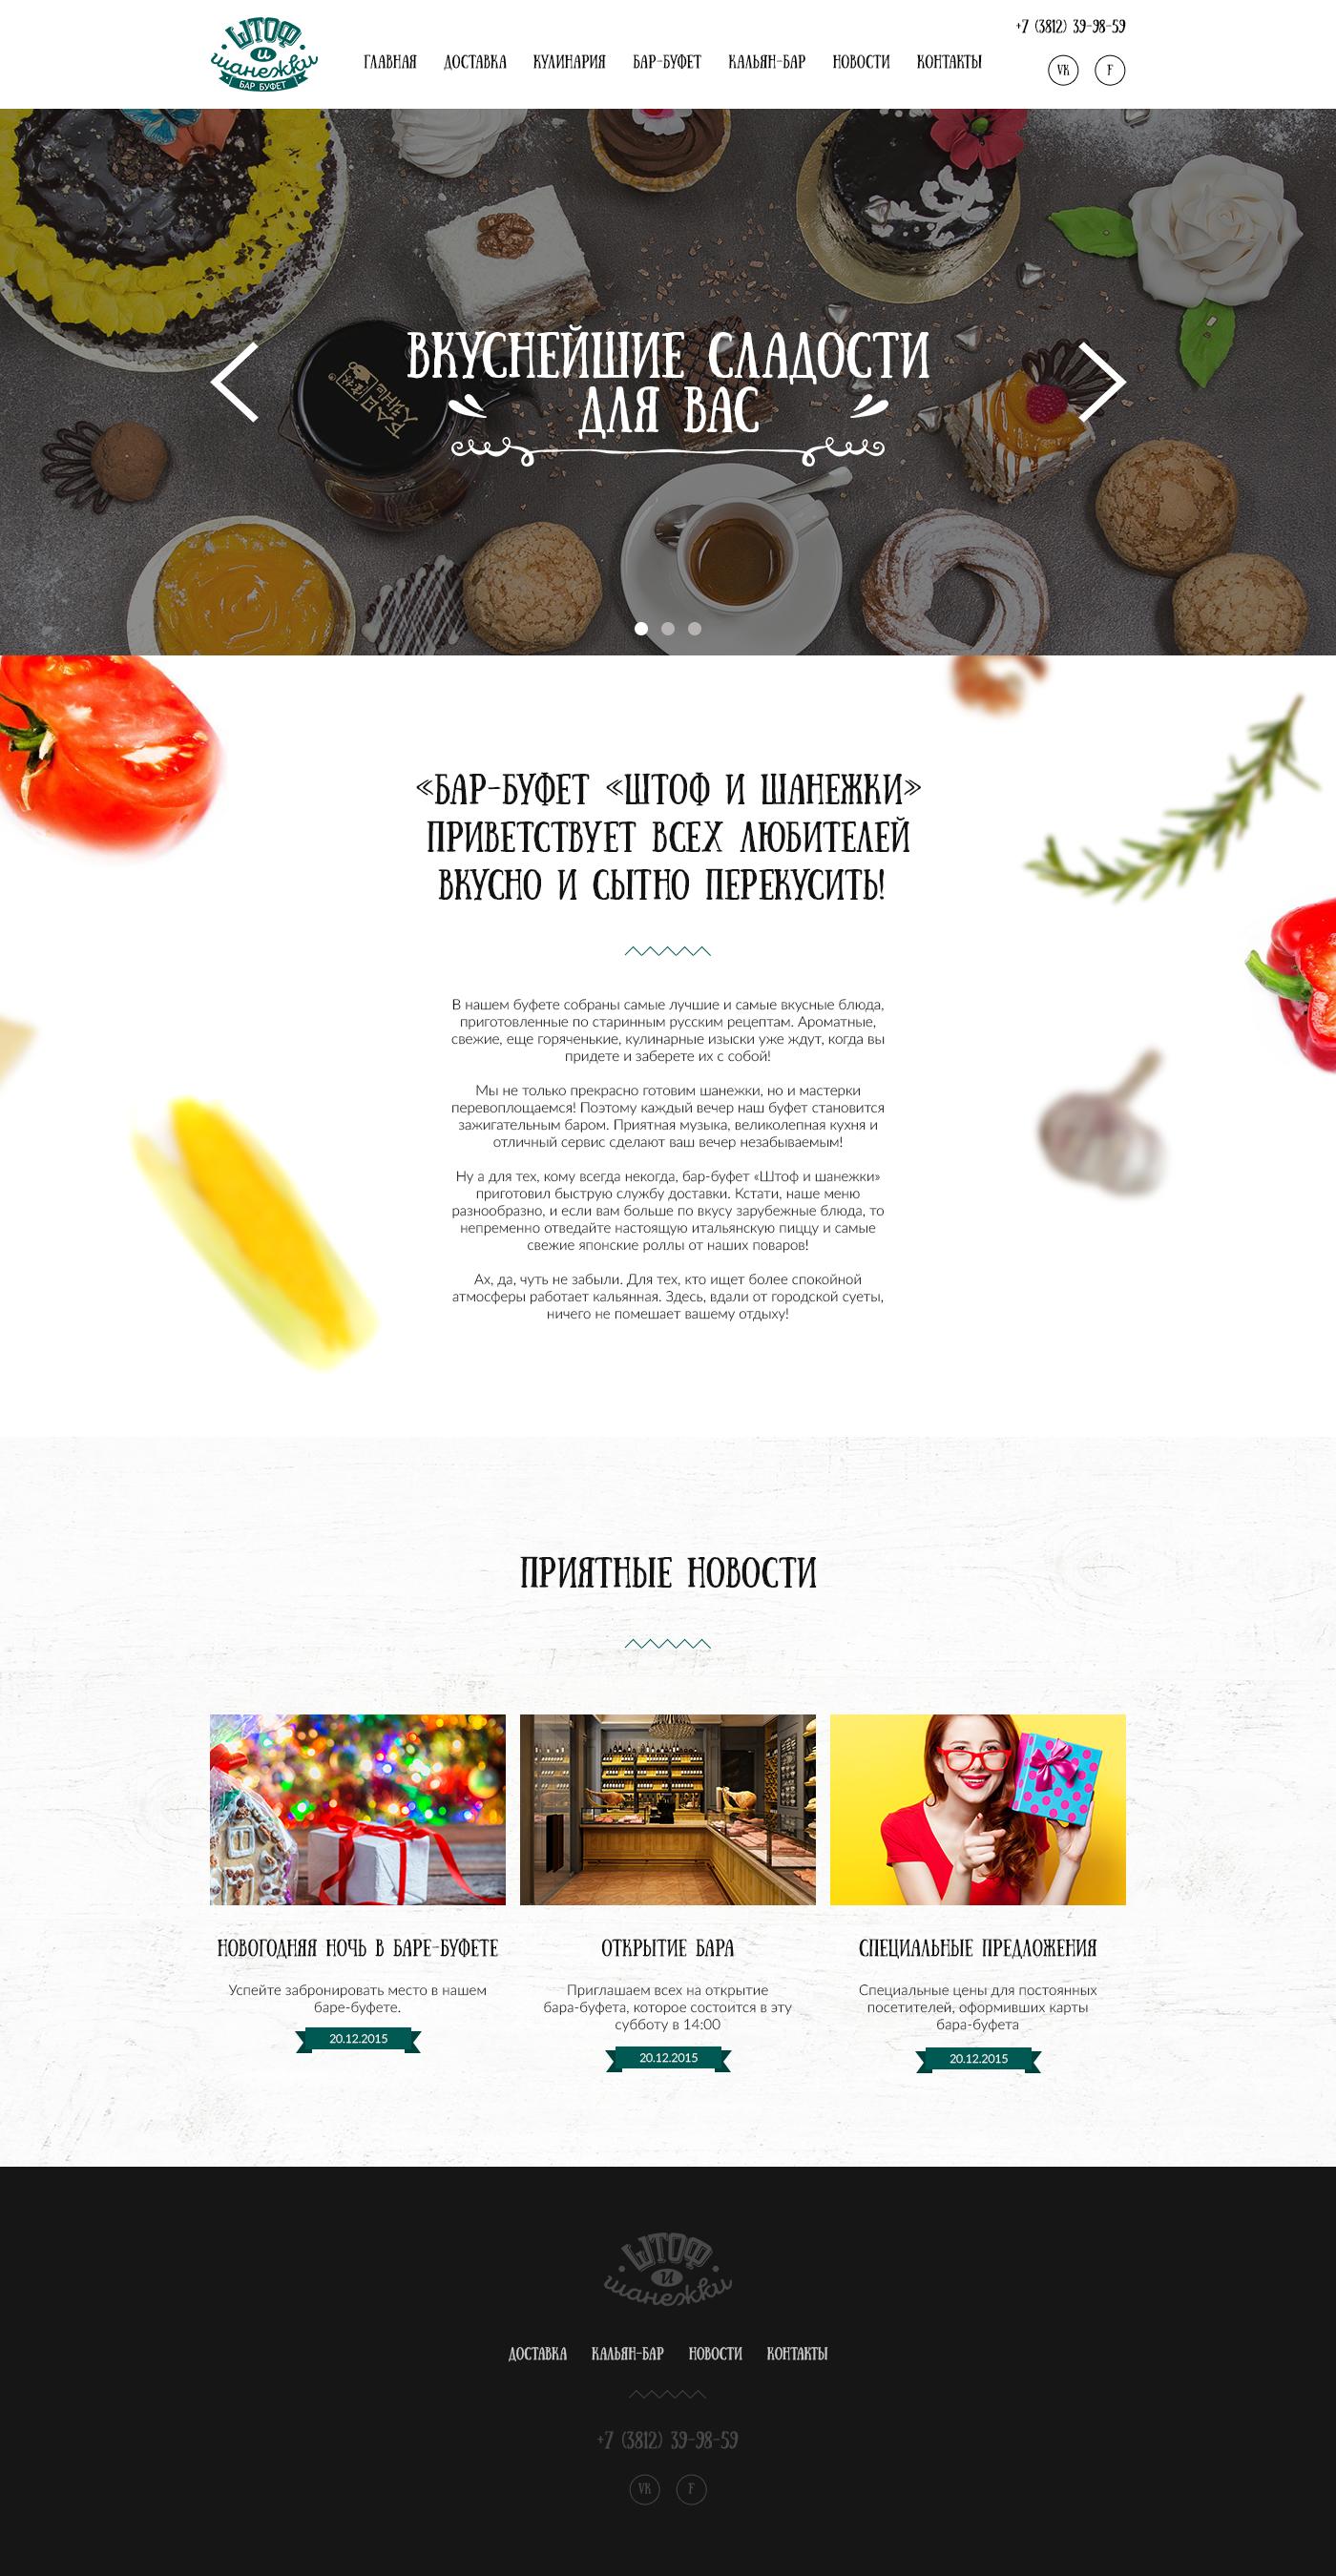 создание сайта для бара-буфета Штоф и шанежки